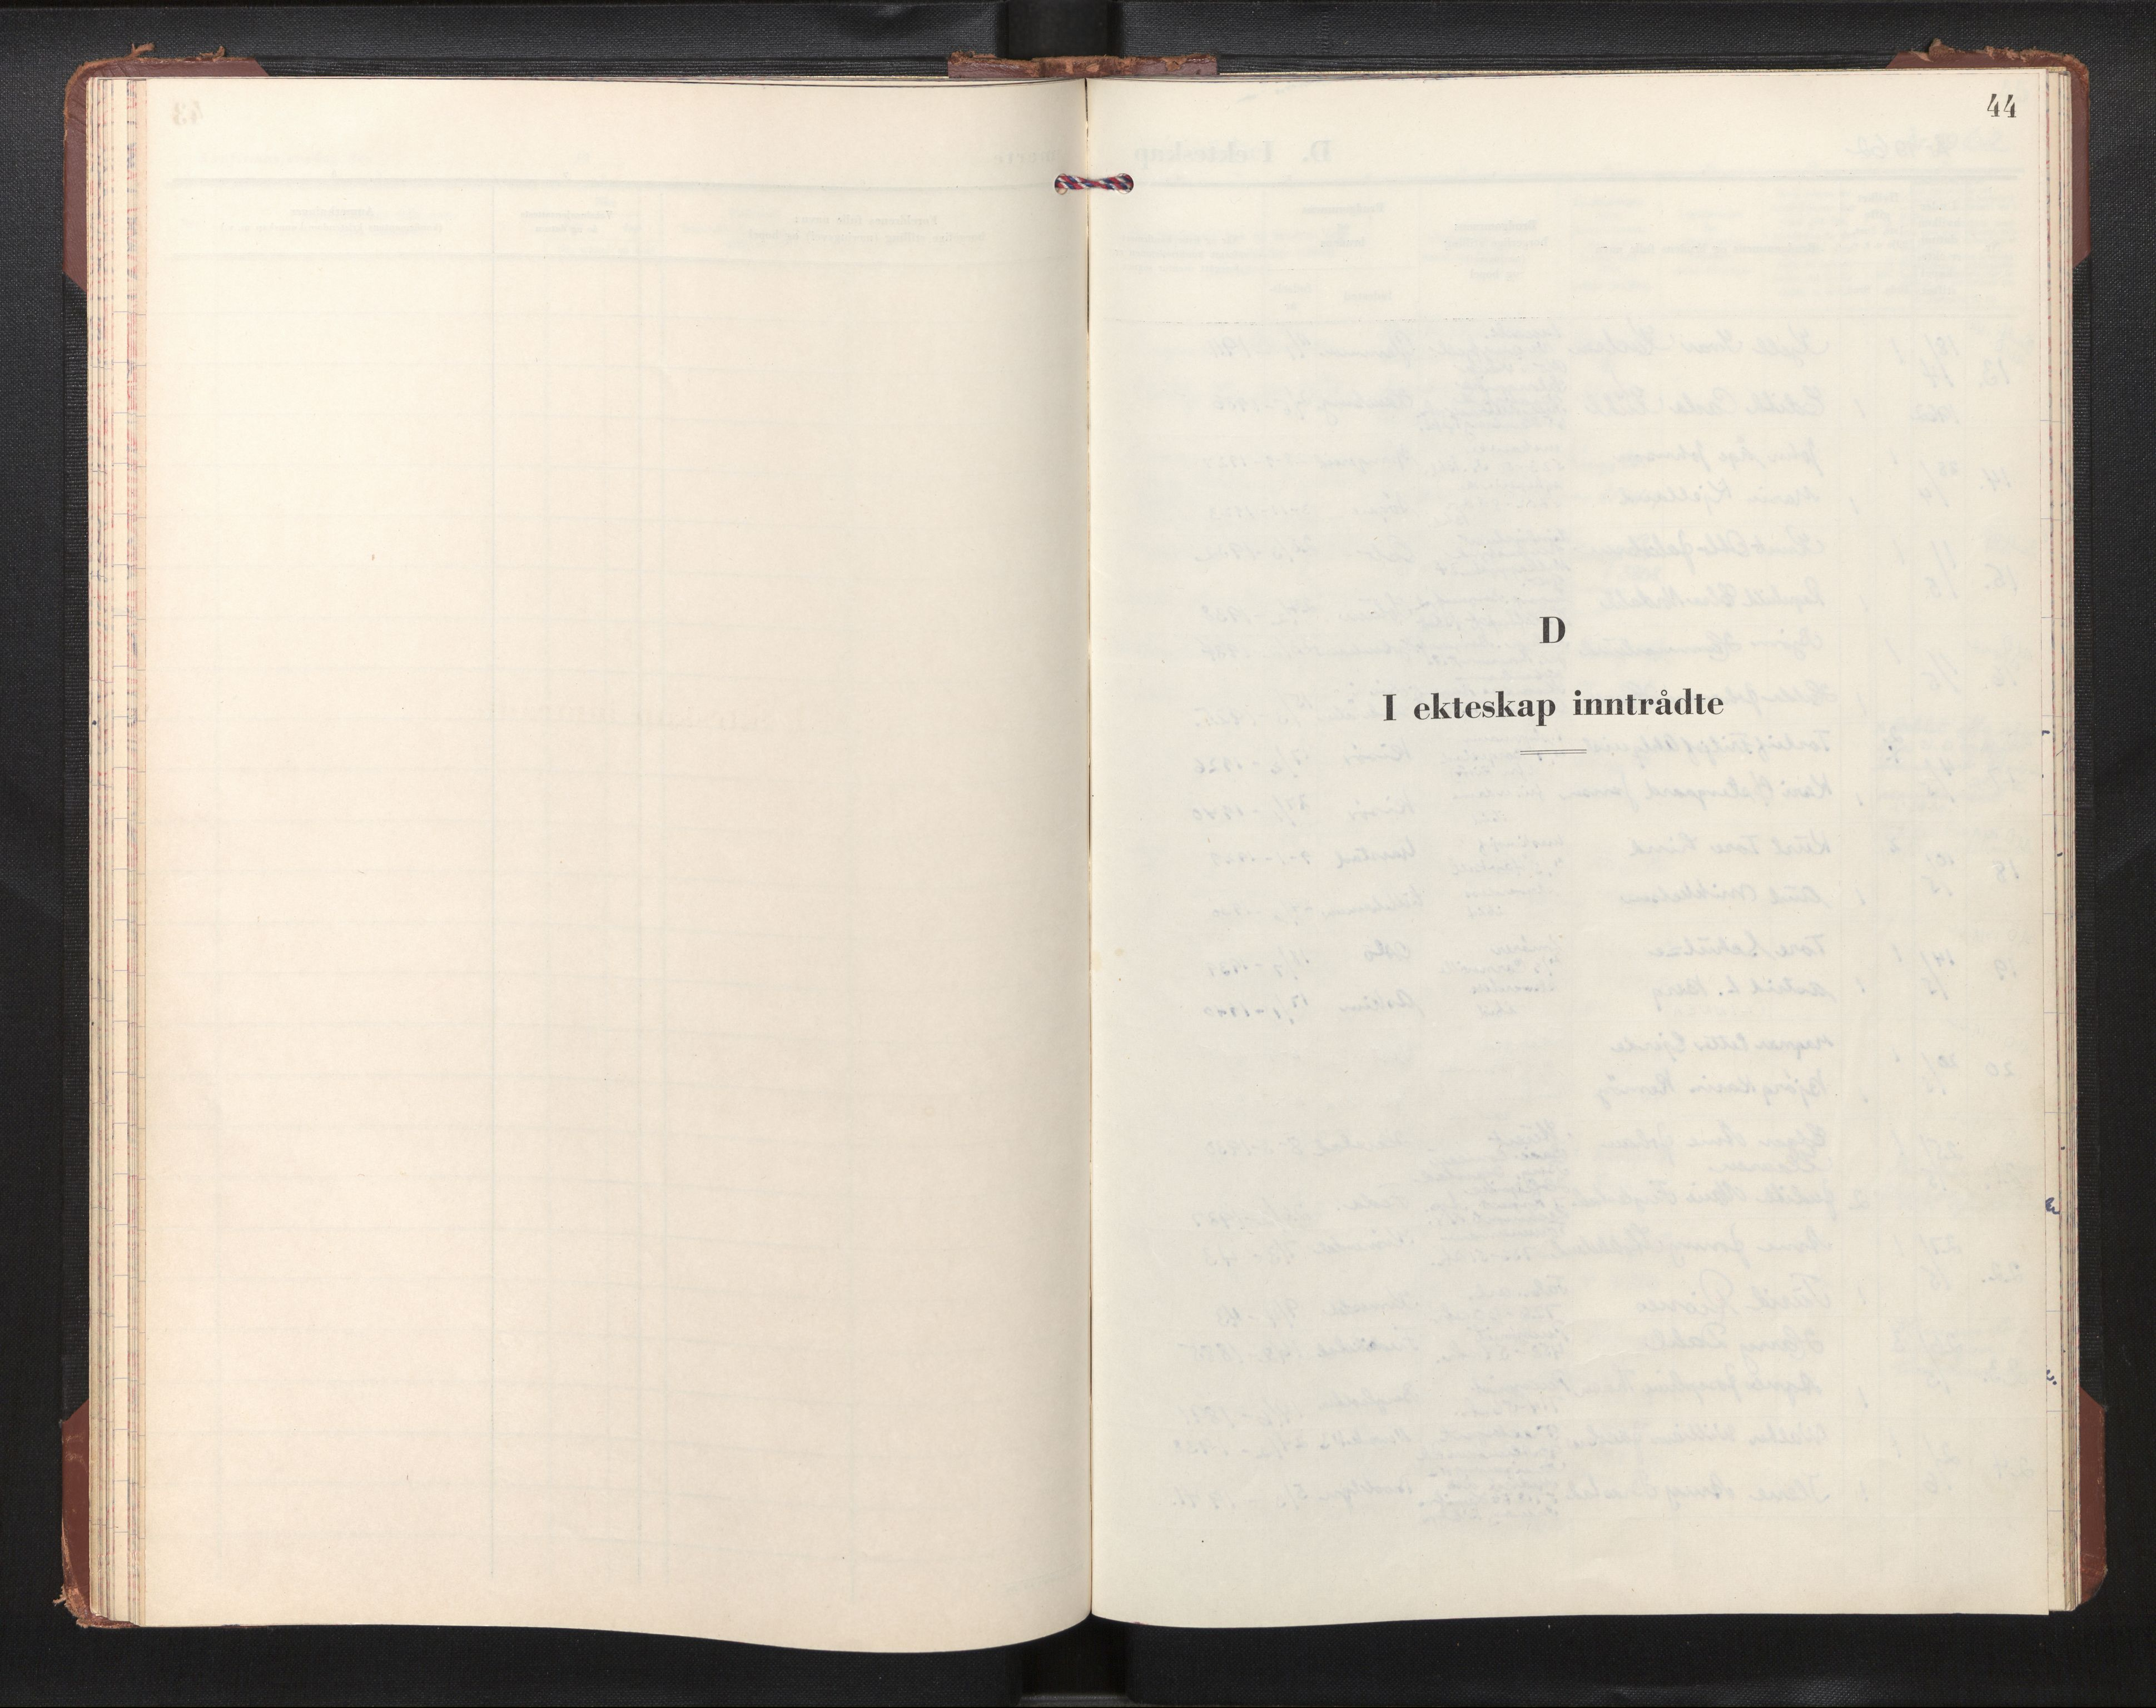 SAB, Privatarkiv 110 - Den norske sjømannsmisjon i utlandet/New York, H/Ha/L0013: Ministerialbok nr. A 13, 1962-1966, s. 43b-44a